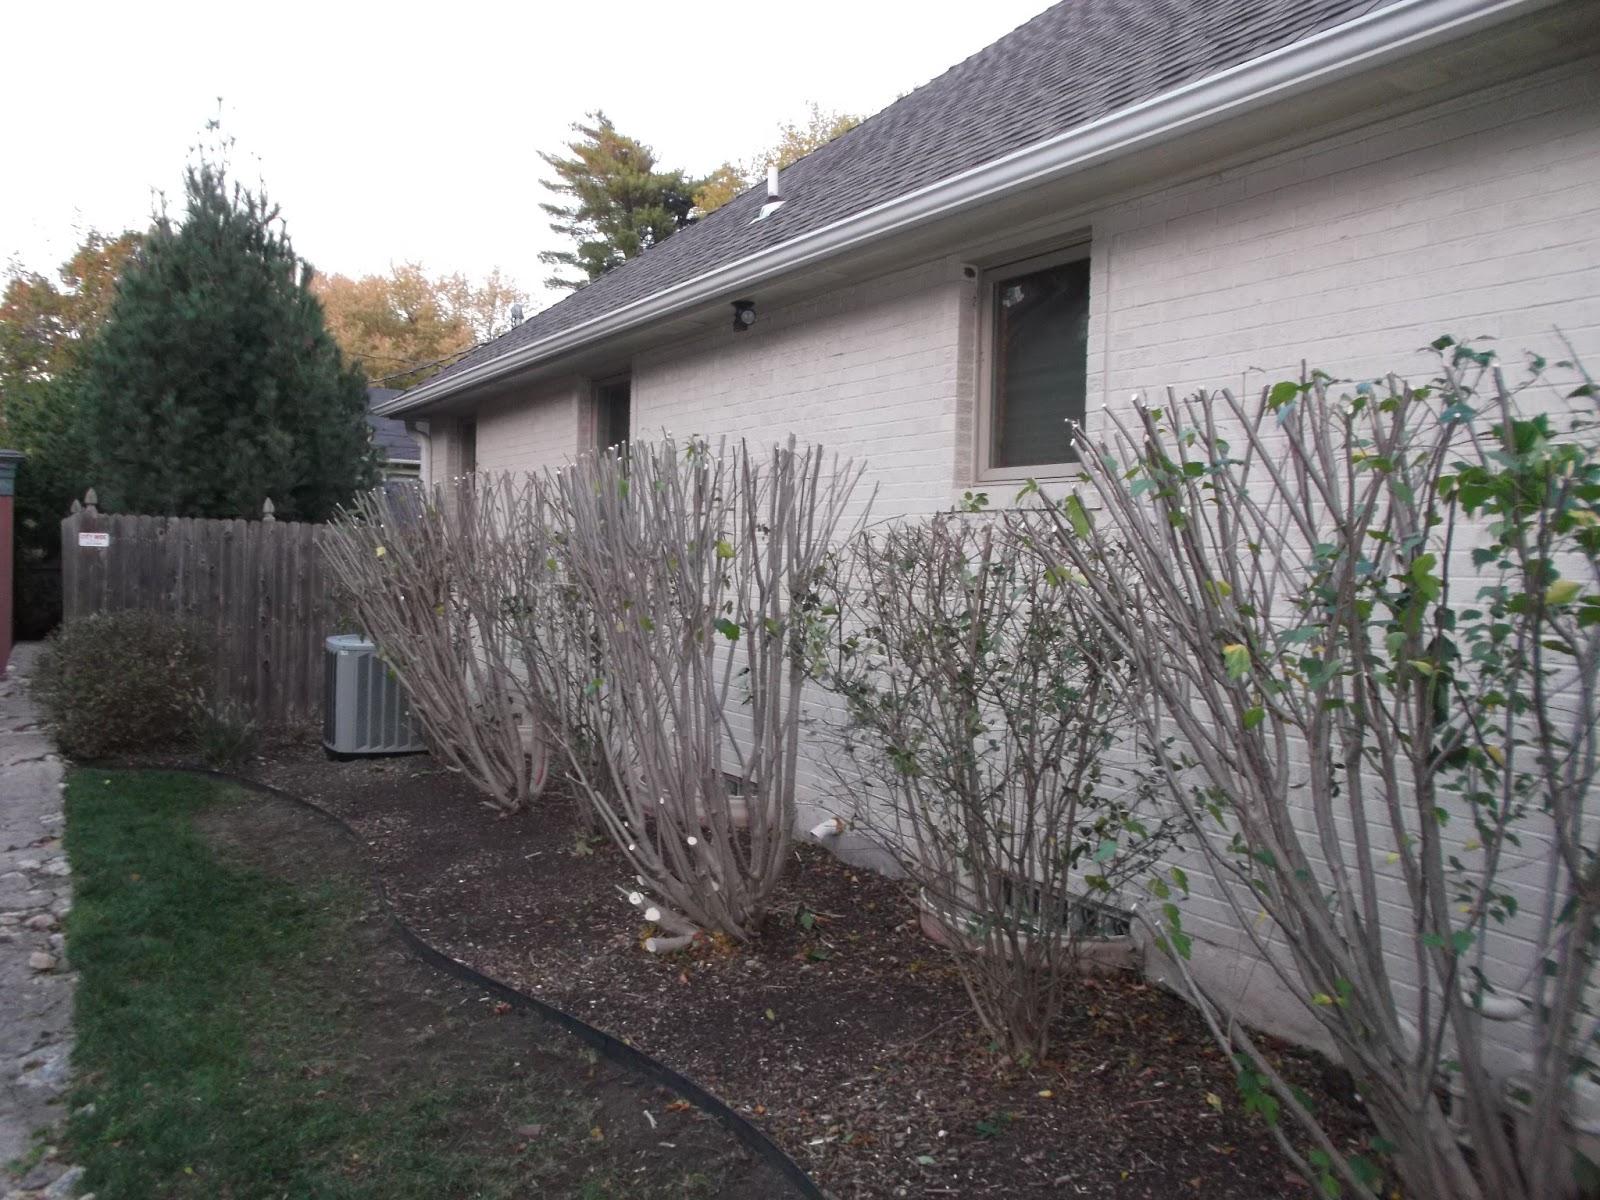 Pruned rose of sharon Dream Home Enterprises LLC